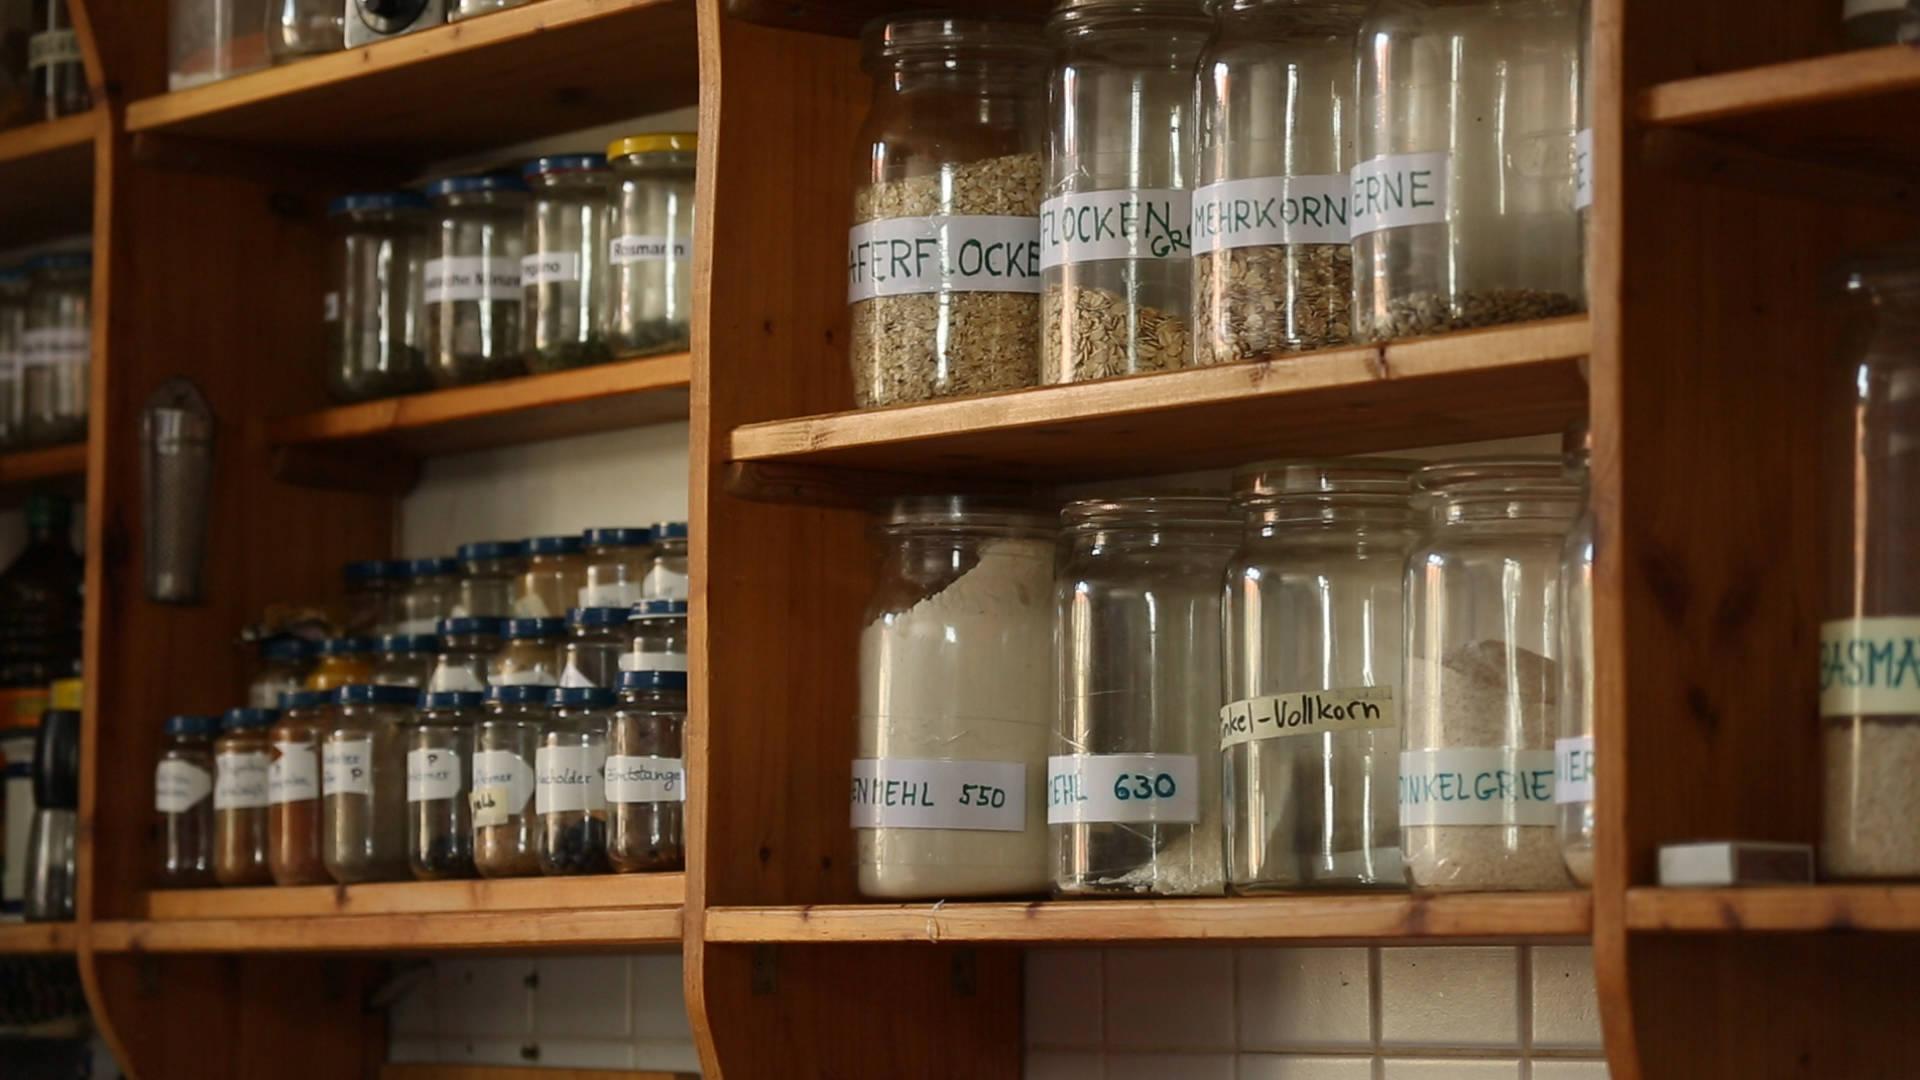 Hier werden die Kräuter und Backmischungen in Mehrweggläsern aufbewahrt